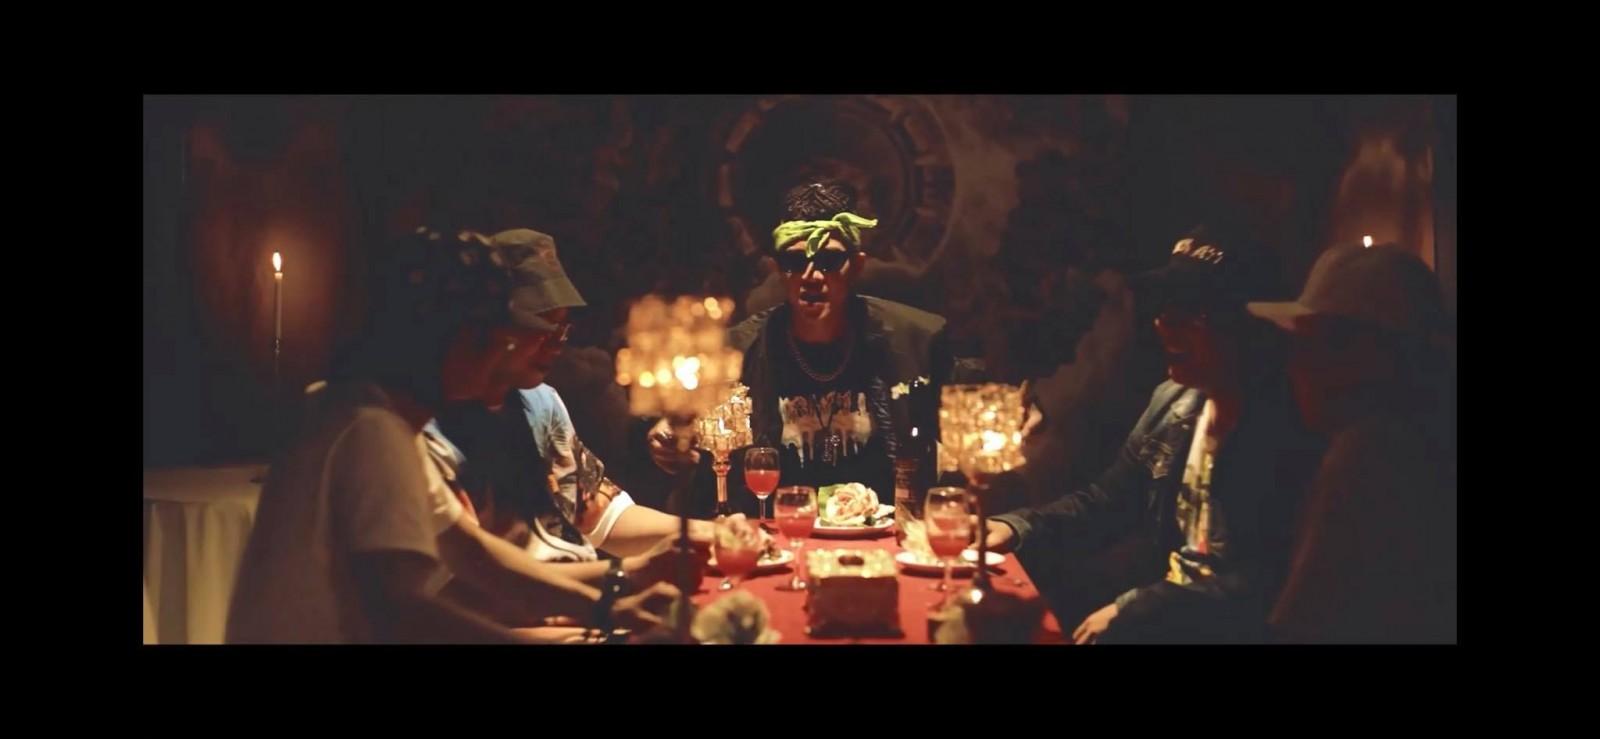 Young Uno ra nhạc phẩm xuất hiện thế hệ F1 của Rap miền Bắc, nhưng có một Clip khác từ khoảng 16 năm trước rõ nét hơn về họ